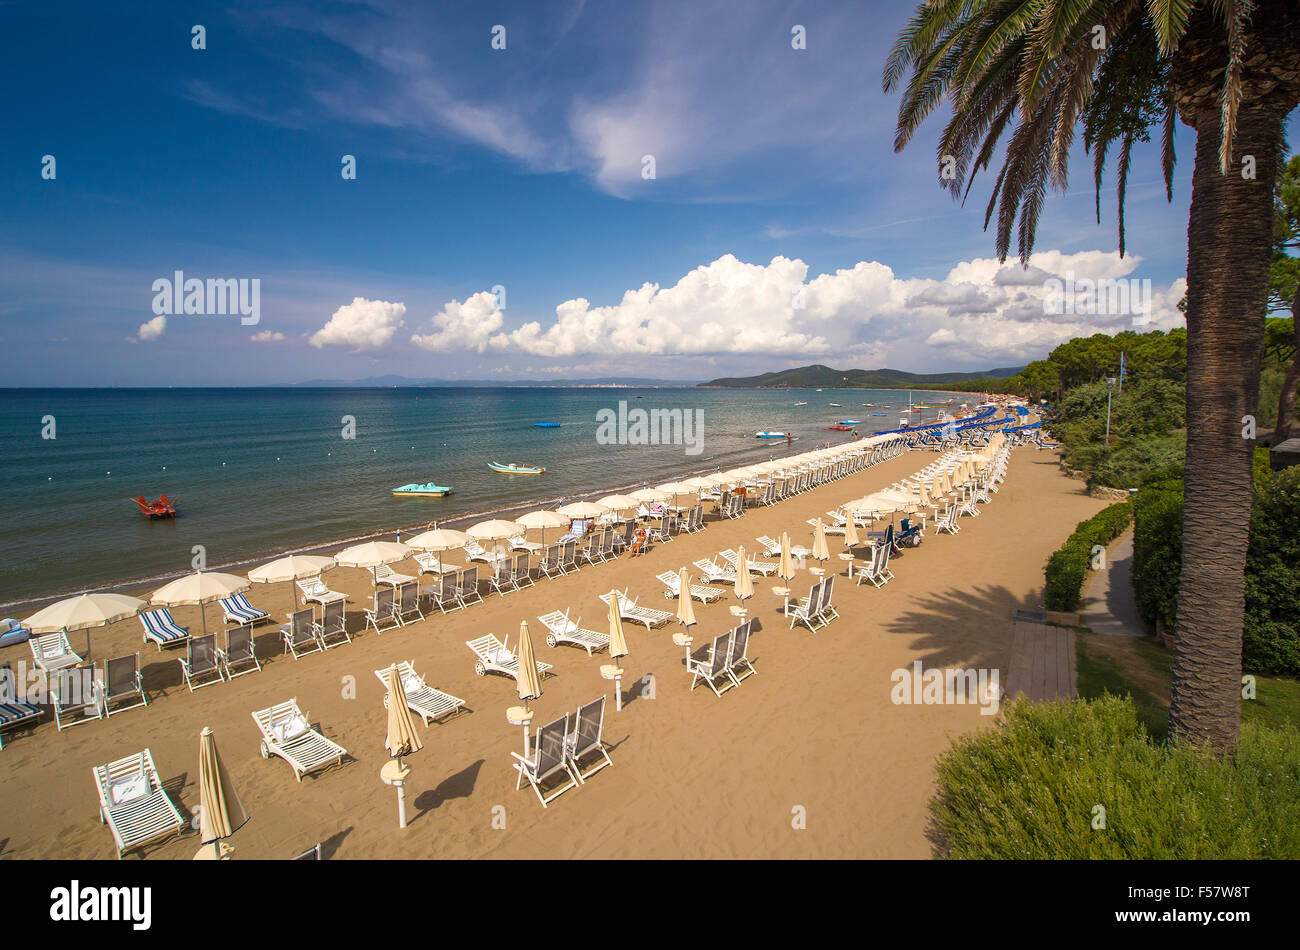 Liegestühle und Sonnenschirme Sonnenschirme am Strand von Punta Ala, Maremma, Toskana, Italien Stockbild